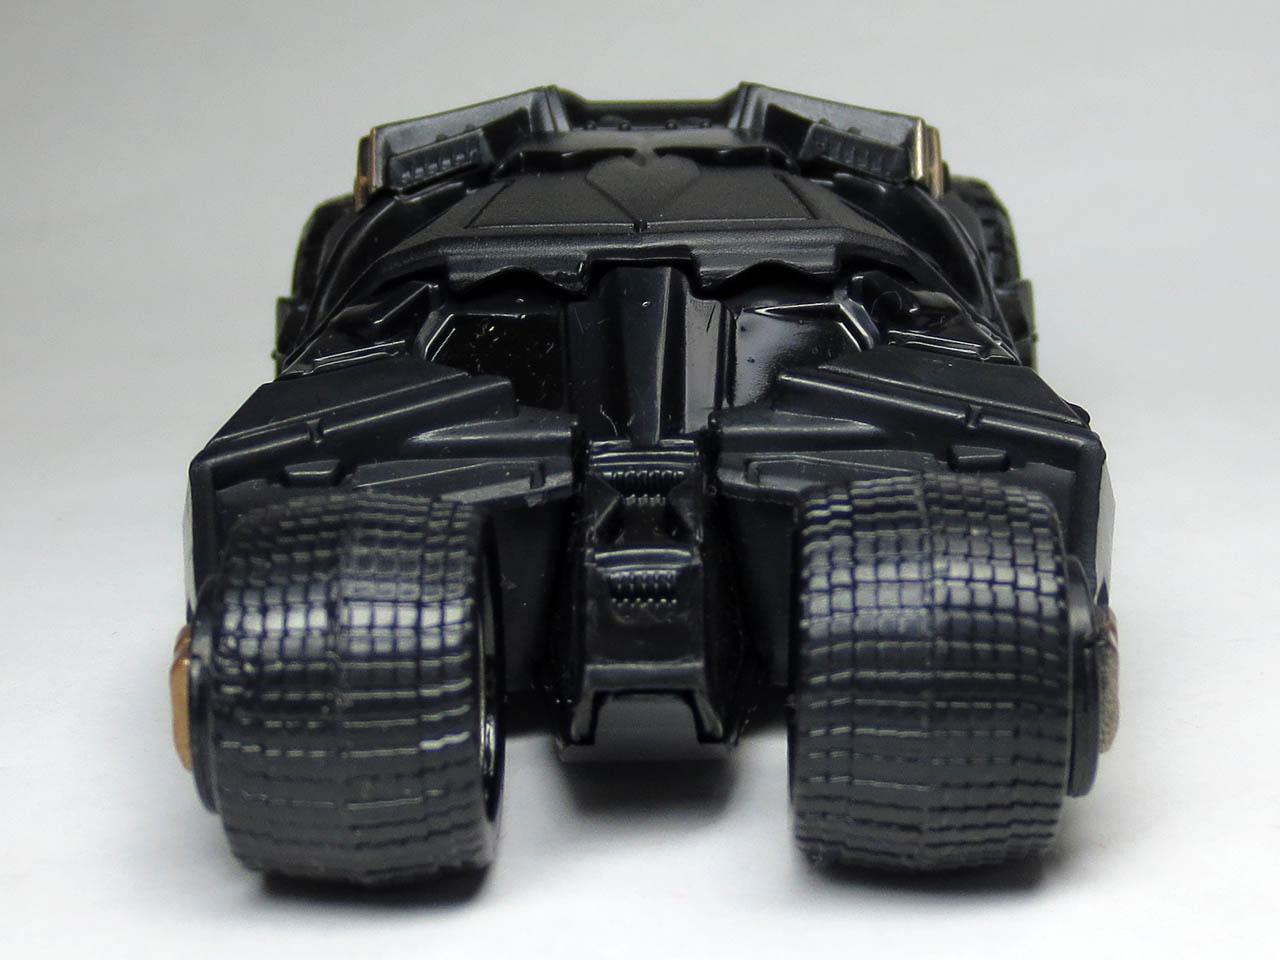 HW_custom_motors_batmobile_4th_08.jpg